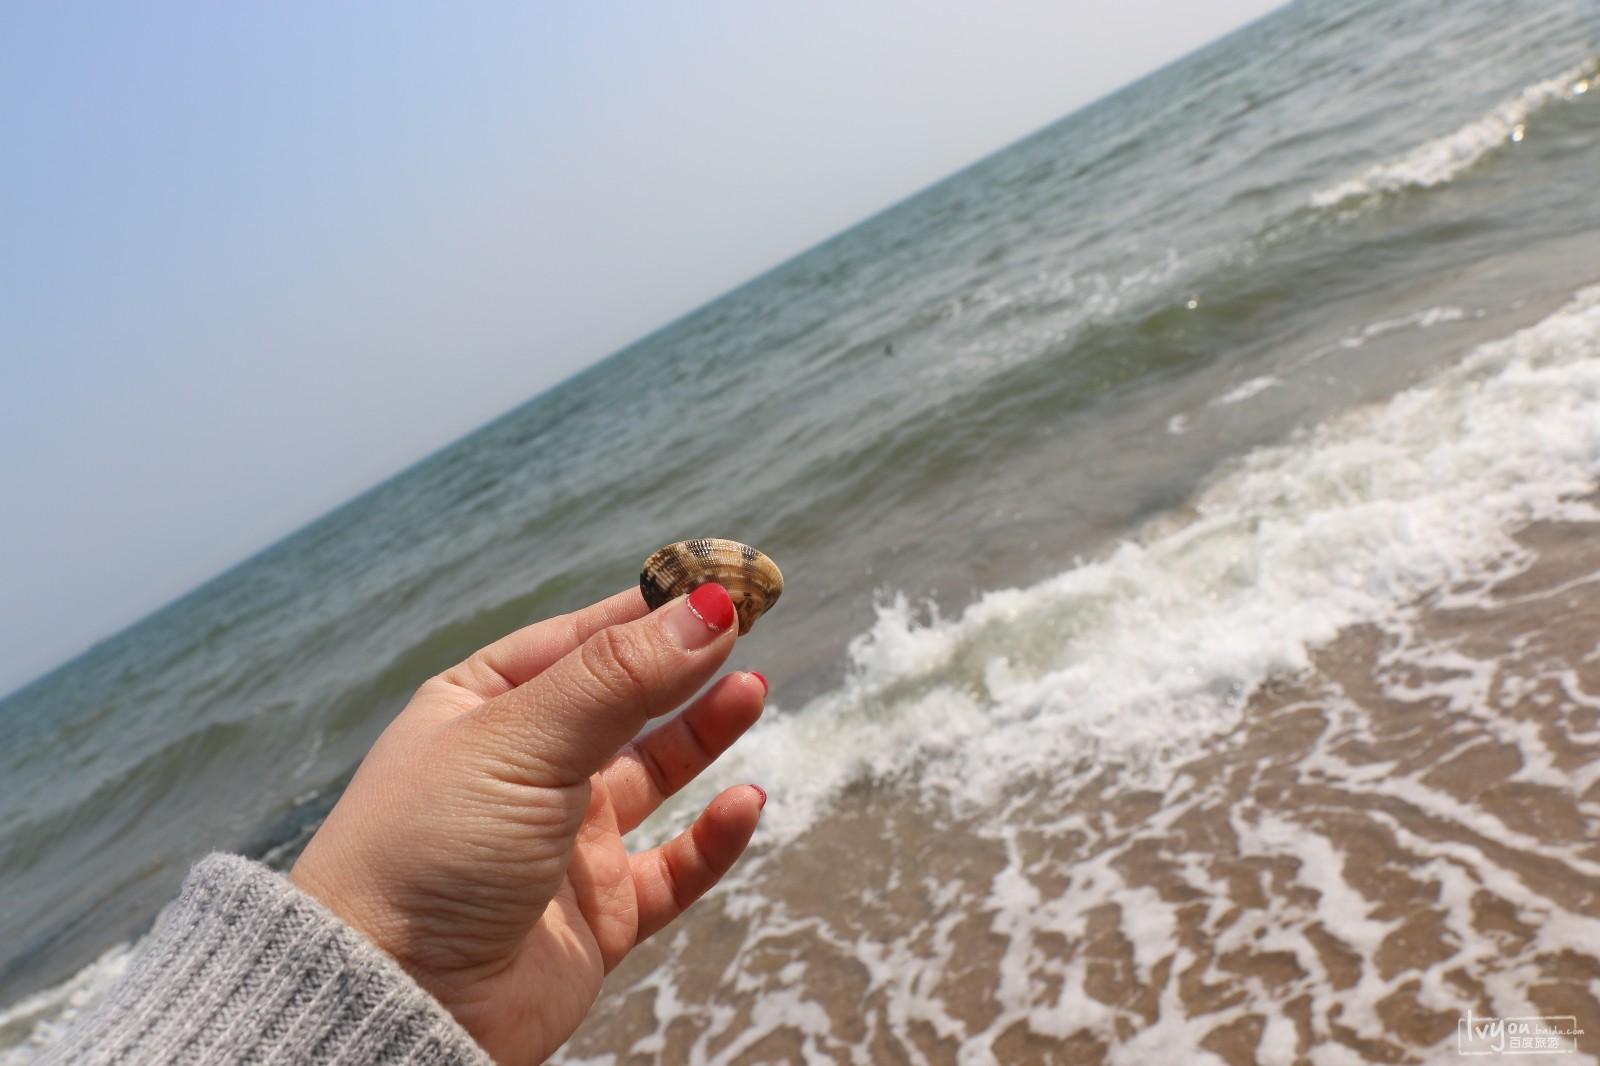 秦皇岛 北戴河 山海关 两姊妹的海边游记